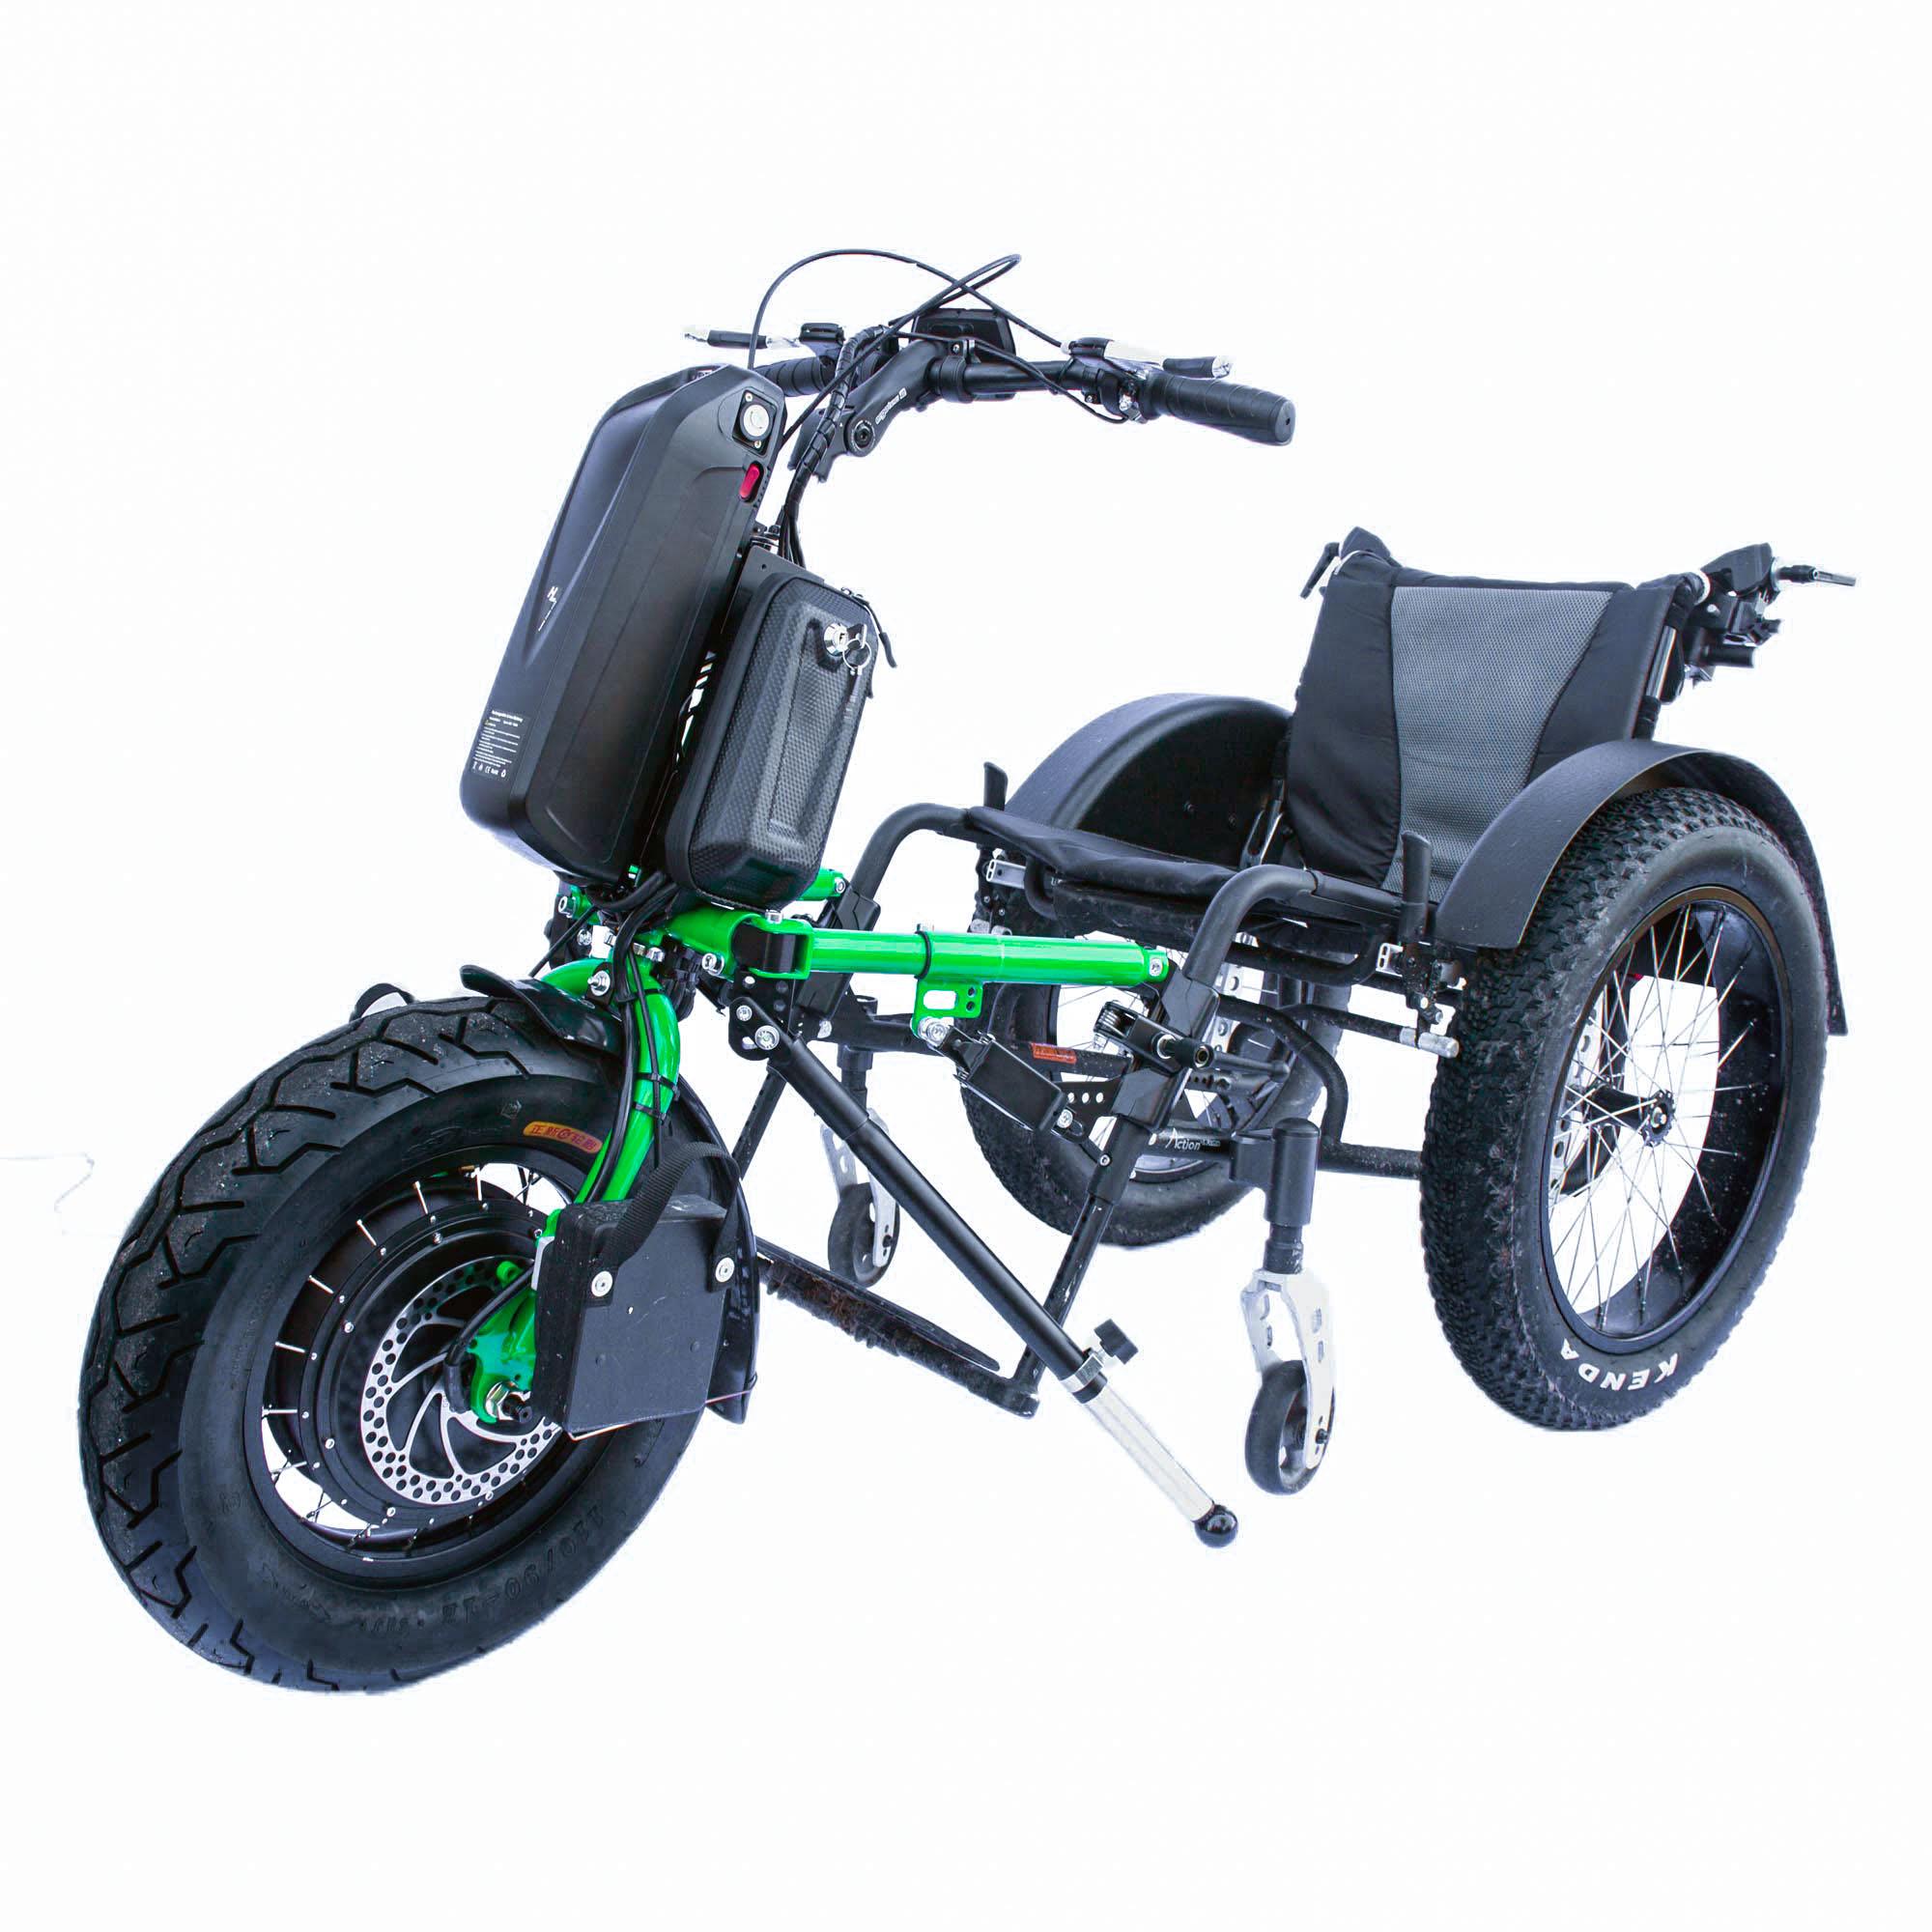 Crossbike - coming soon